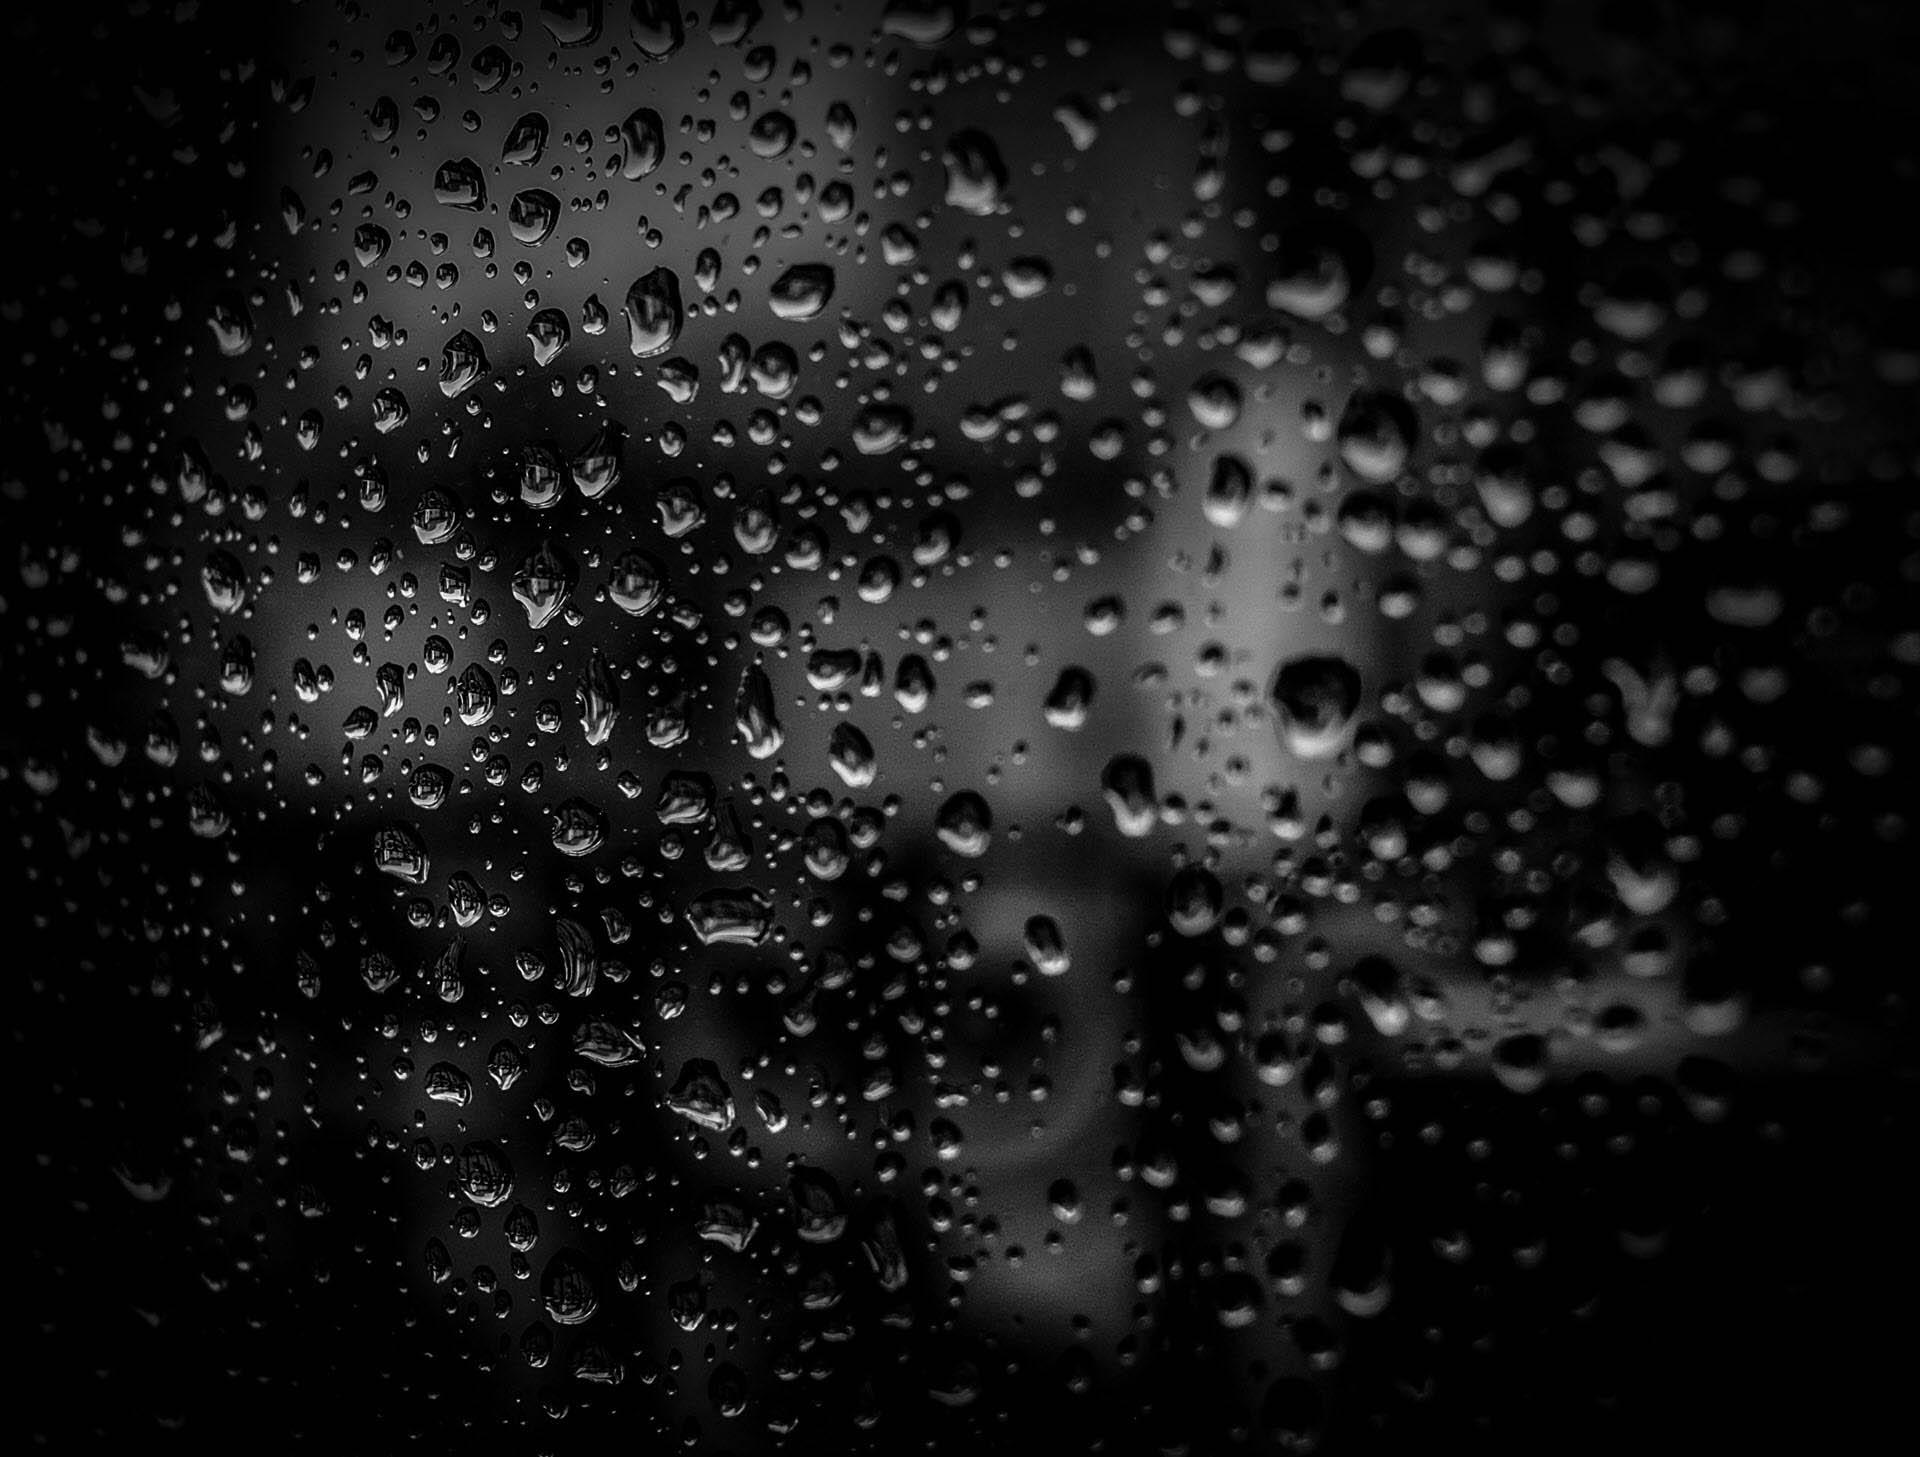 Hình nền đen buồn